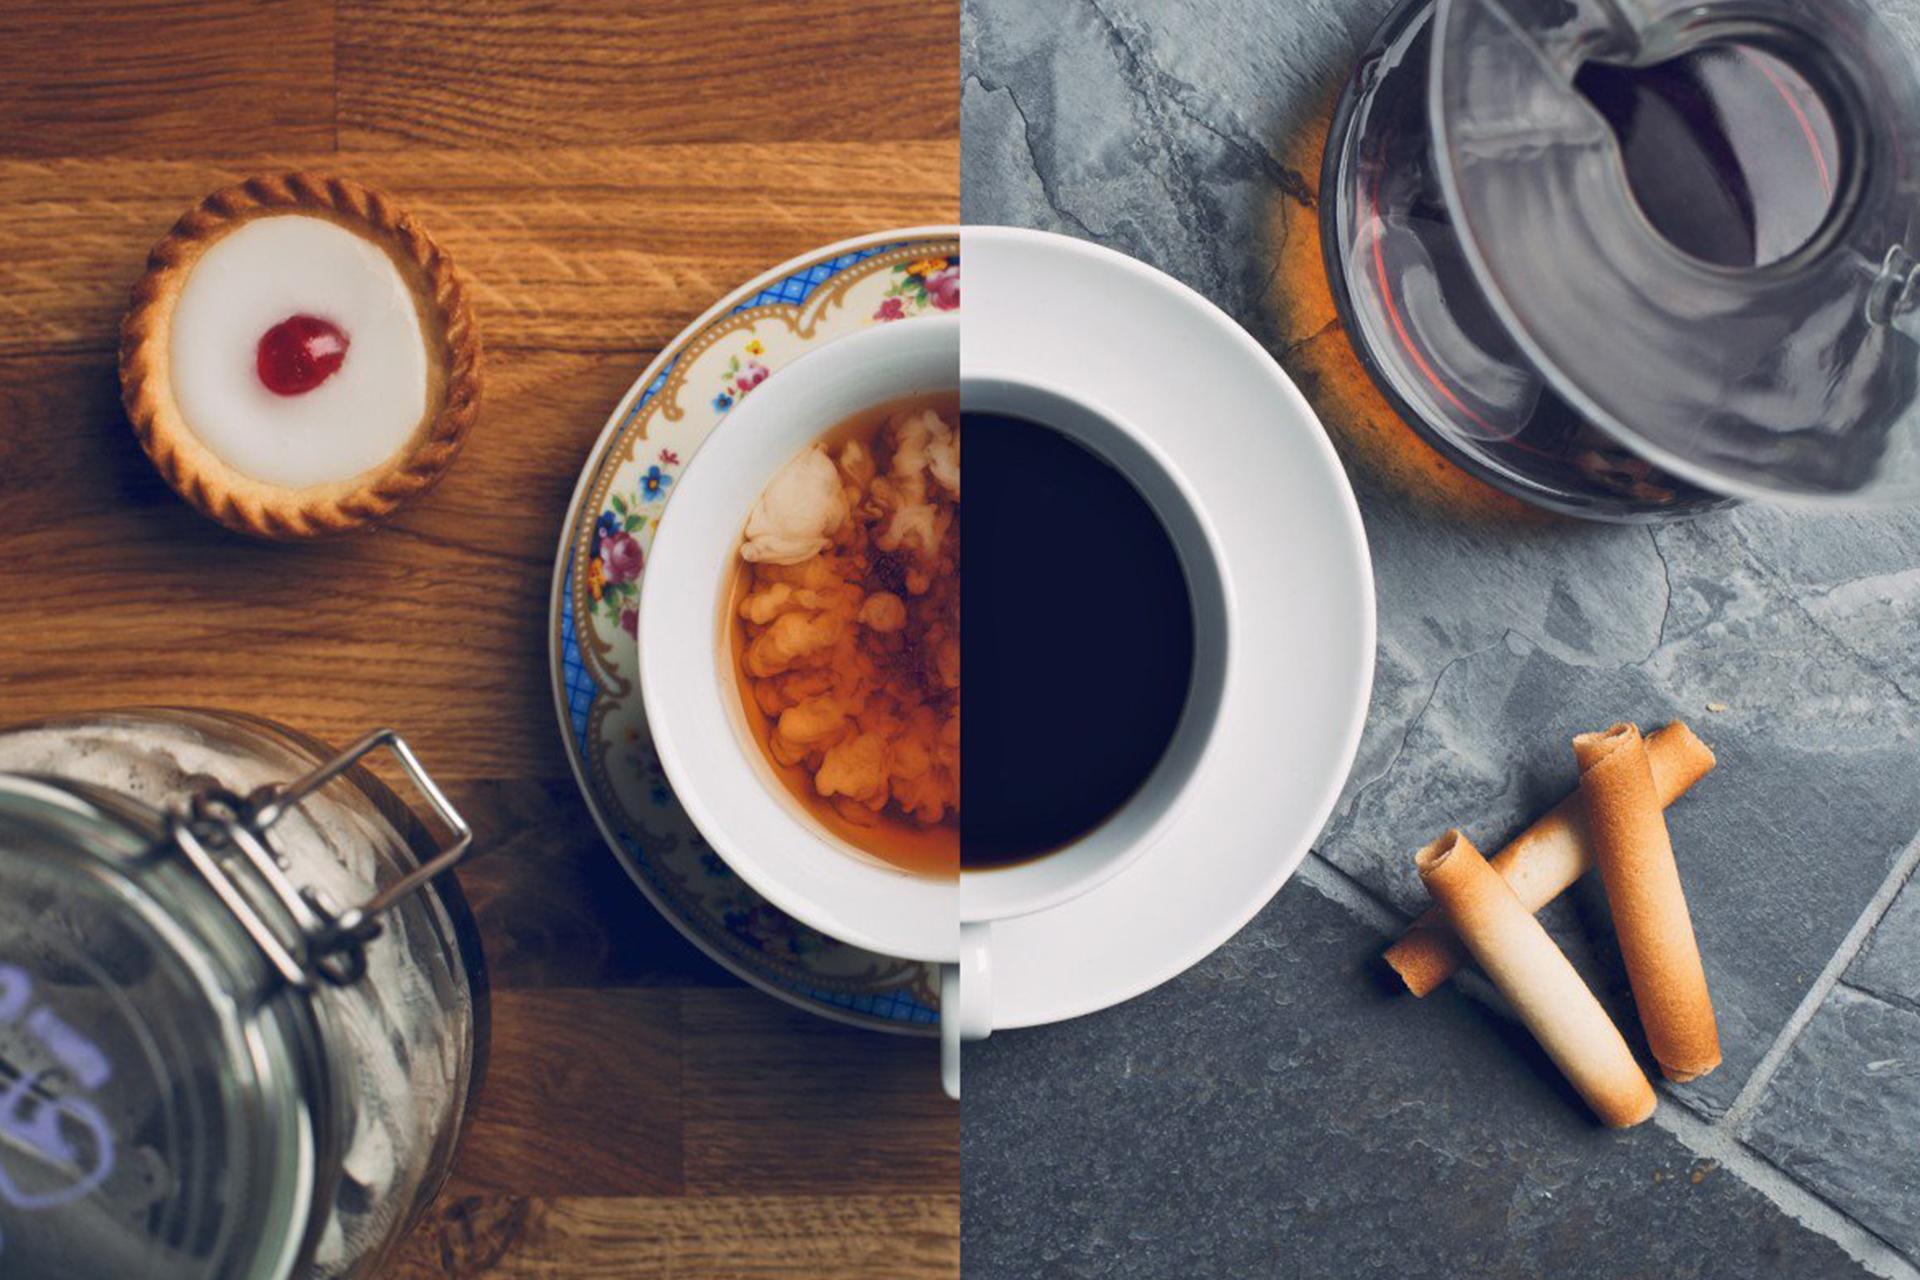 Чай и кофе вред и польза. кофе vs. чай: что общего, чем отличаются | здоровье человека